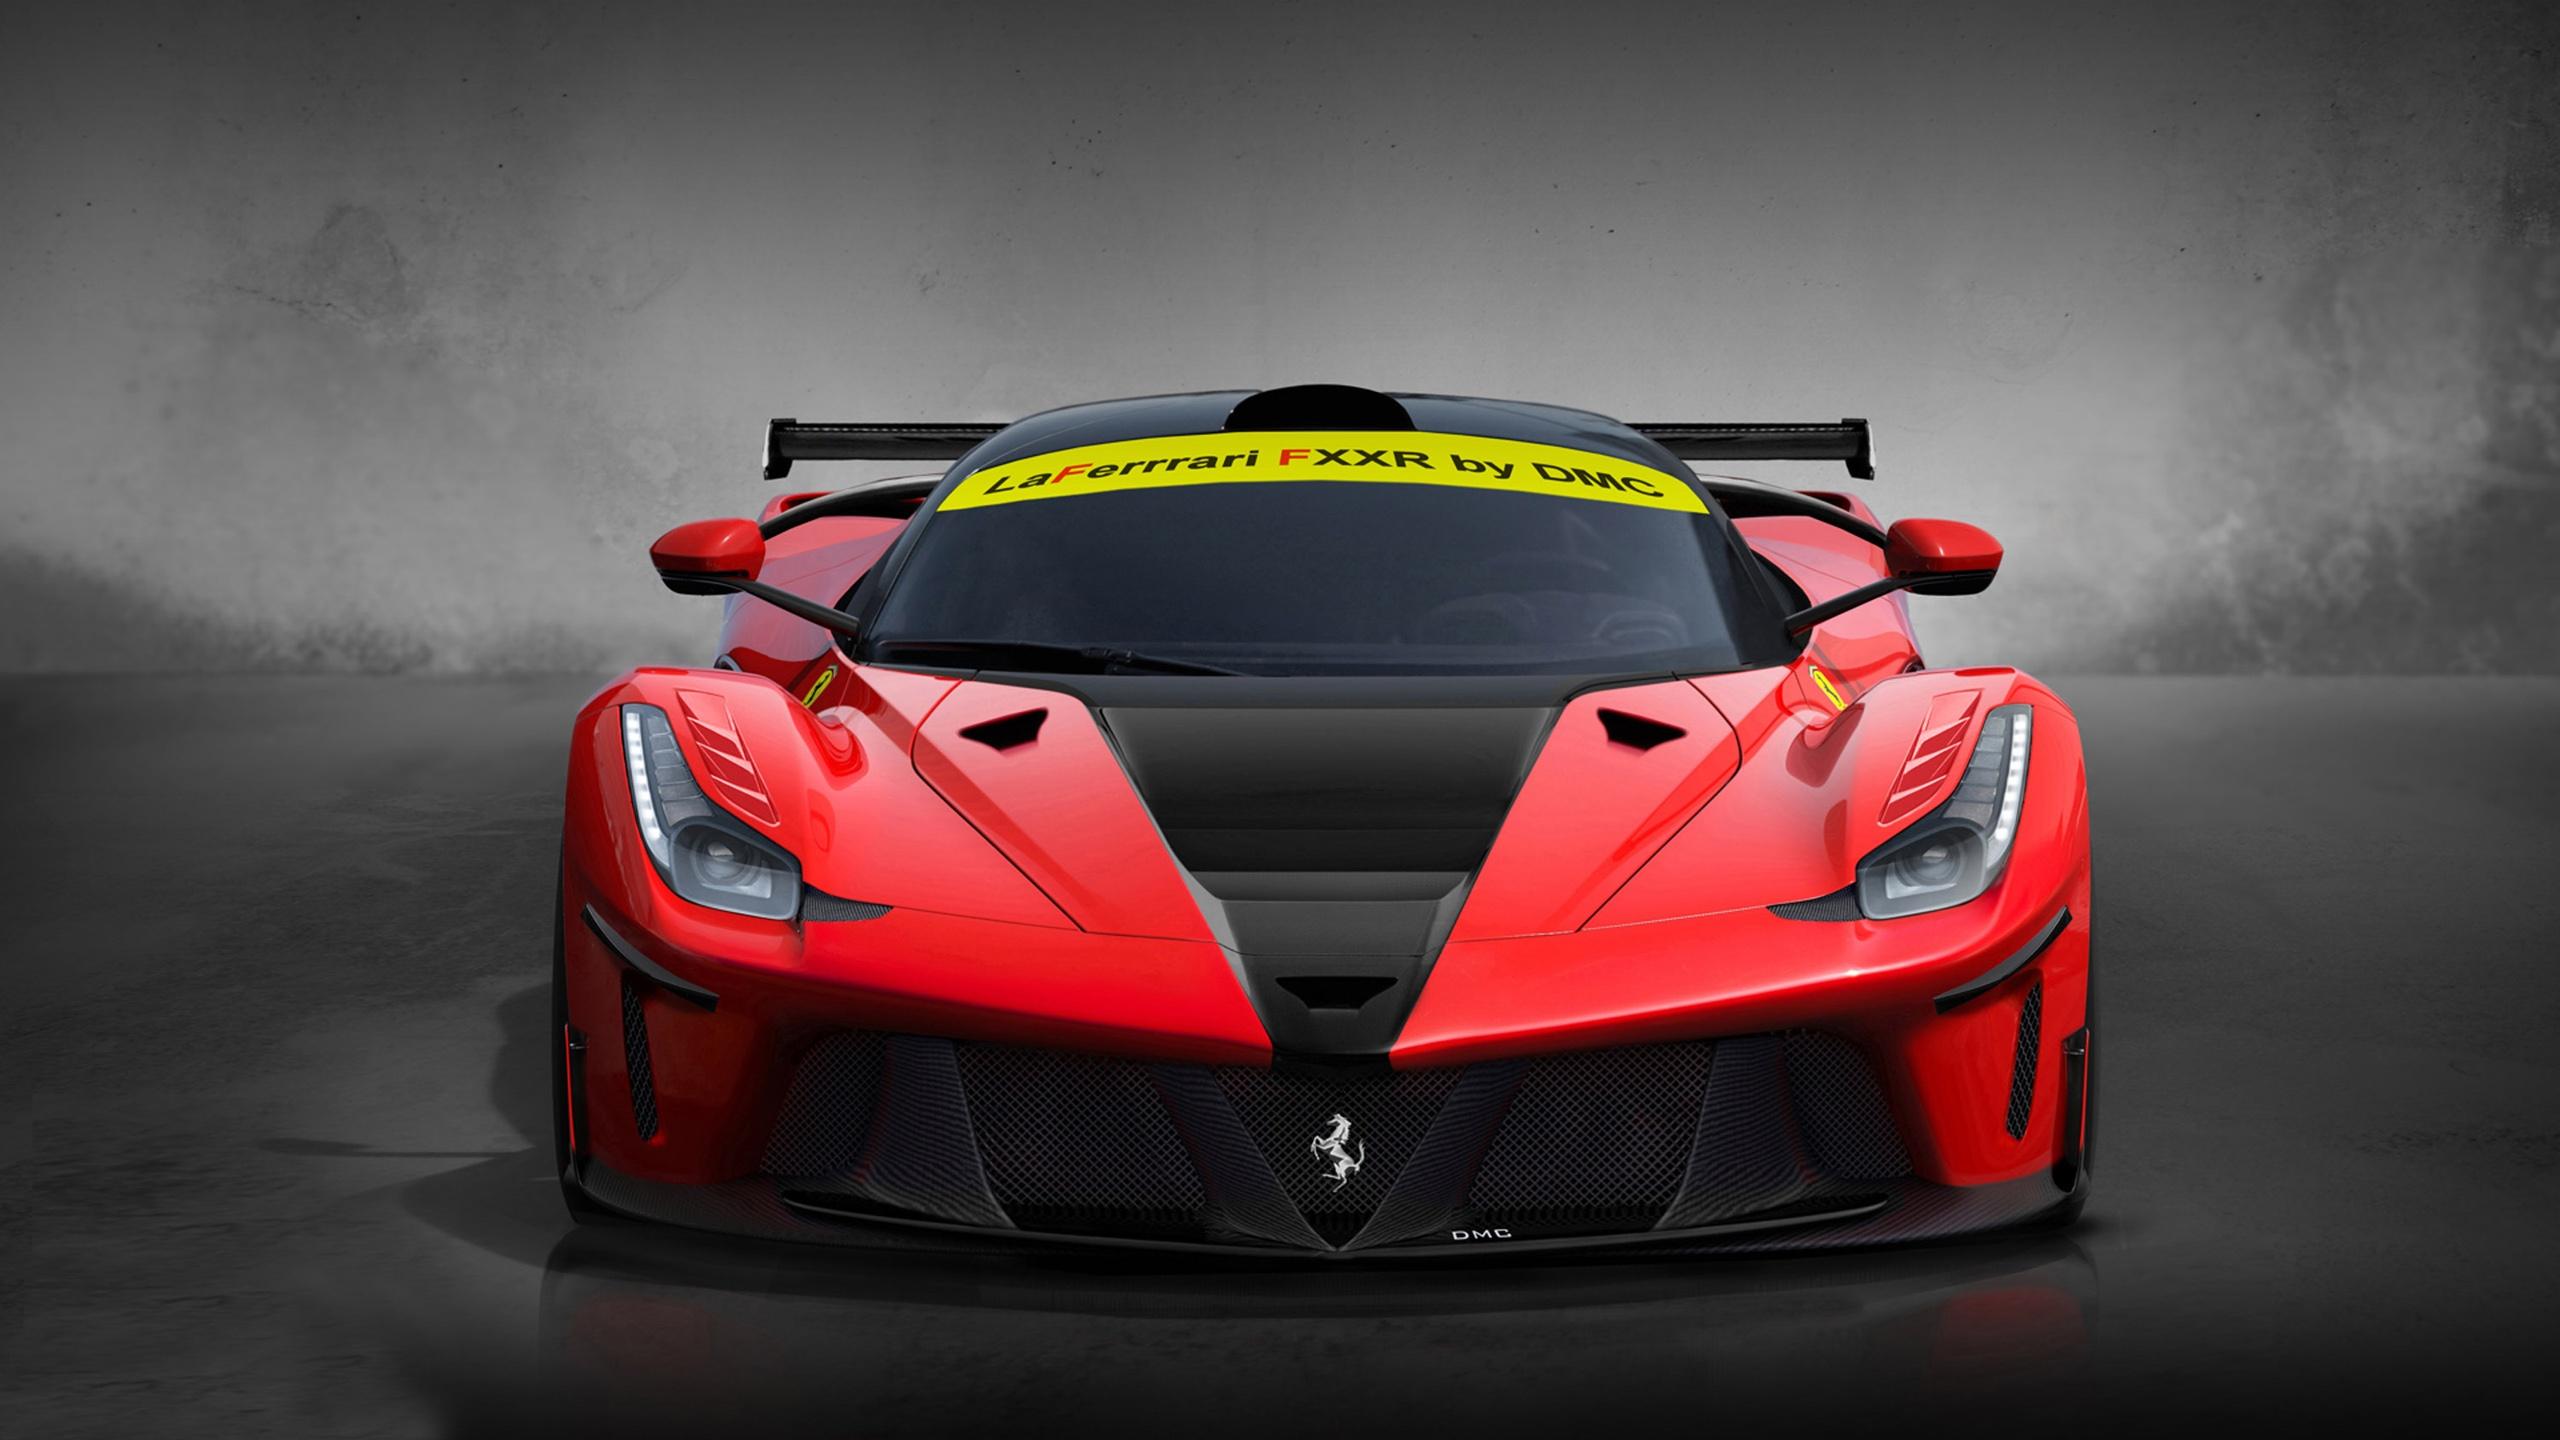 Fonds d 39 cran dmc laferrari fxxr supercar rouge 2560x1440 for Fond ecran qhd